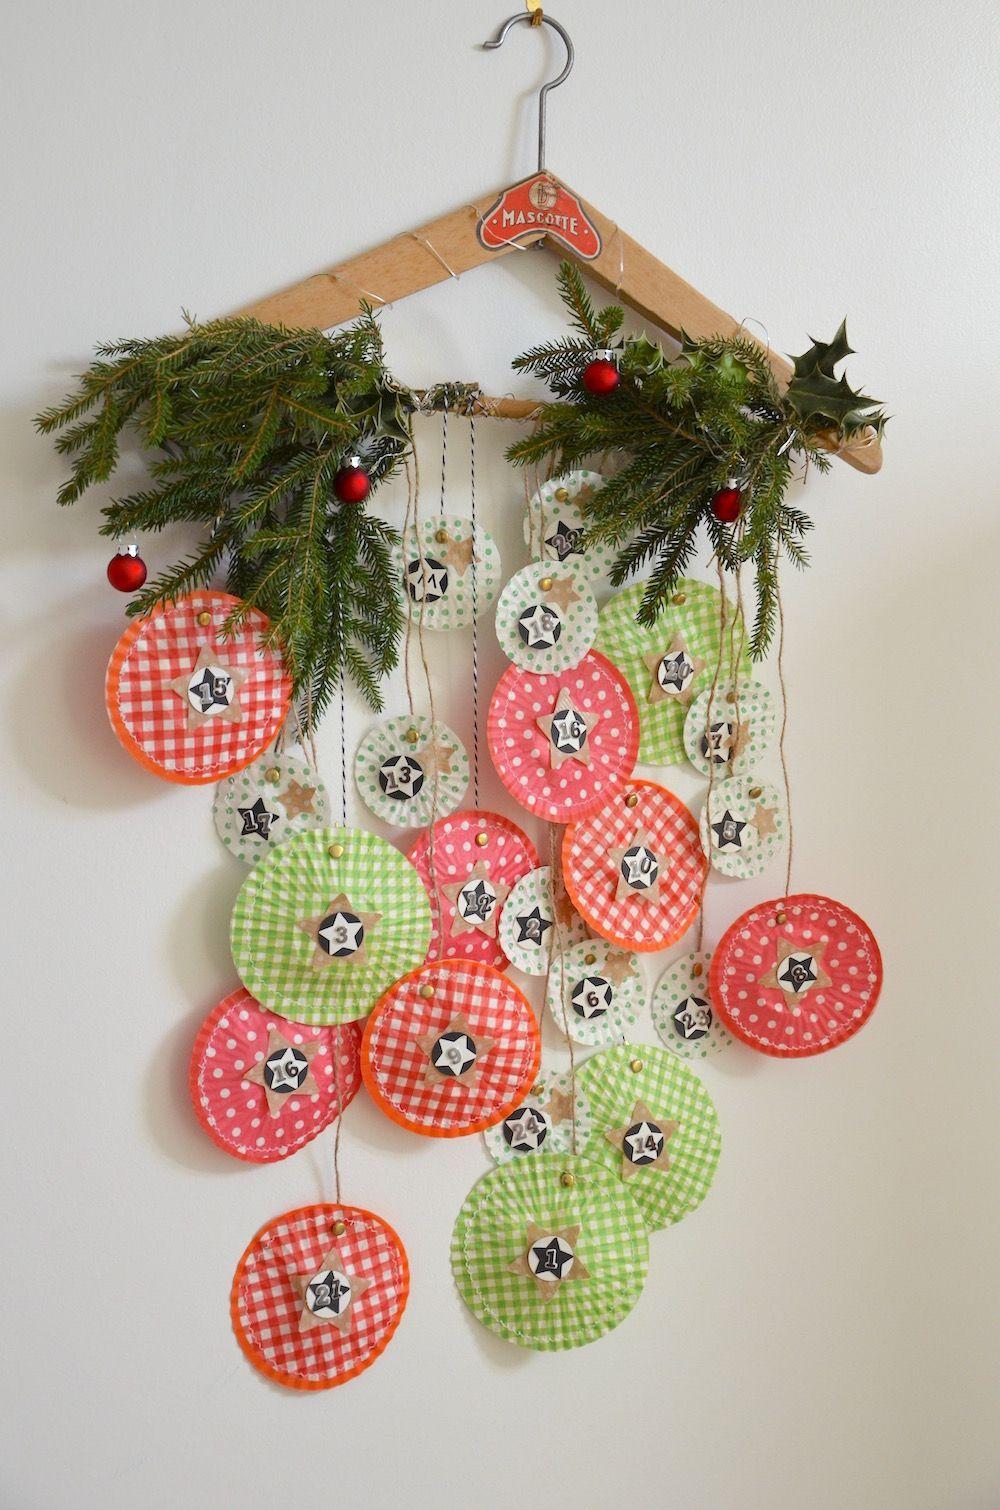 Un calendrier de l'Avent {DiY} réalisé avec de simples caissettes à cupcakes !! #calendrierdel#39;aventdiy Voilà une chouette idée créative pour réaliser un joli calendrier de l'avent rempli de jolies surprises qui rythmeront le compte à rebours jusqu'à Noël !! #calendrierdel#39;aventdiy